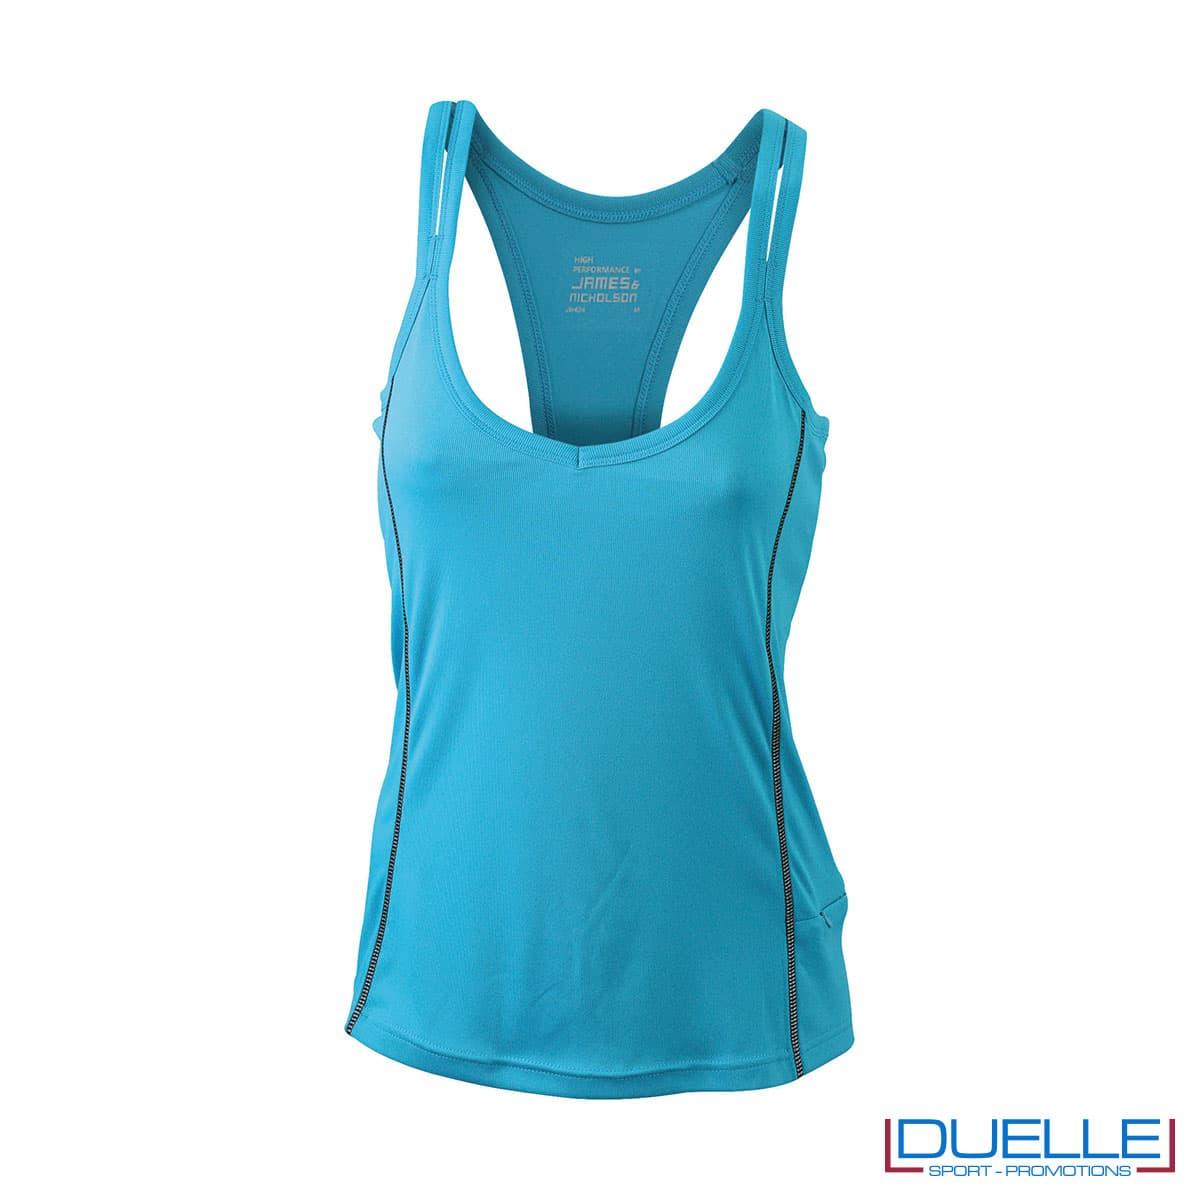 Canotta running donna colore azzurro personalizzabile